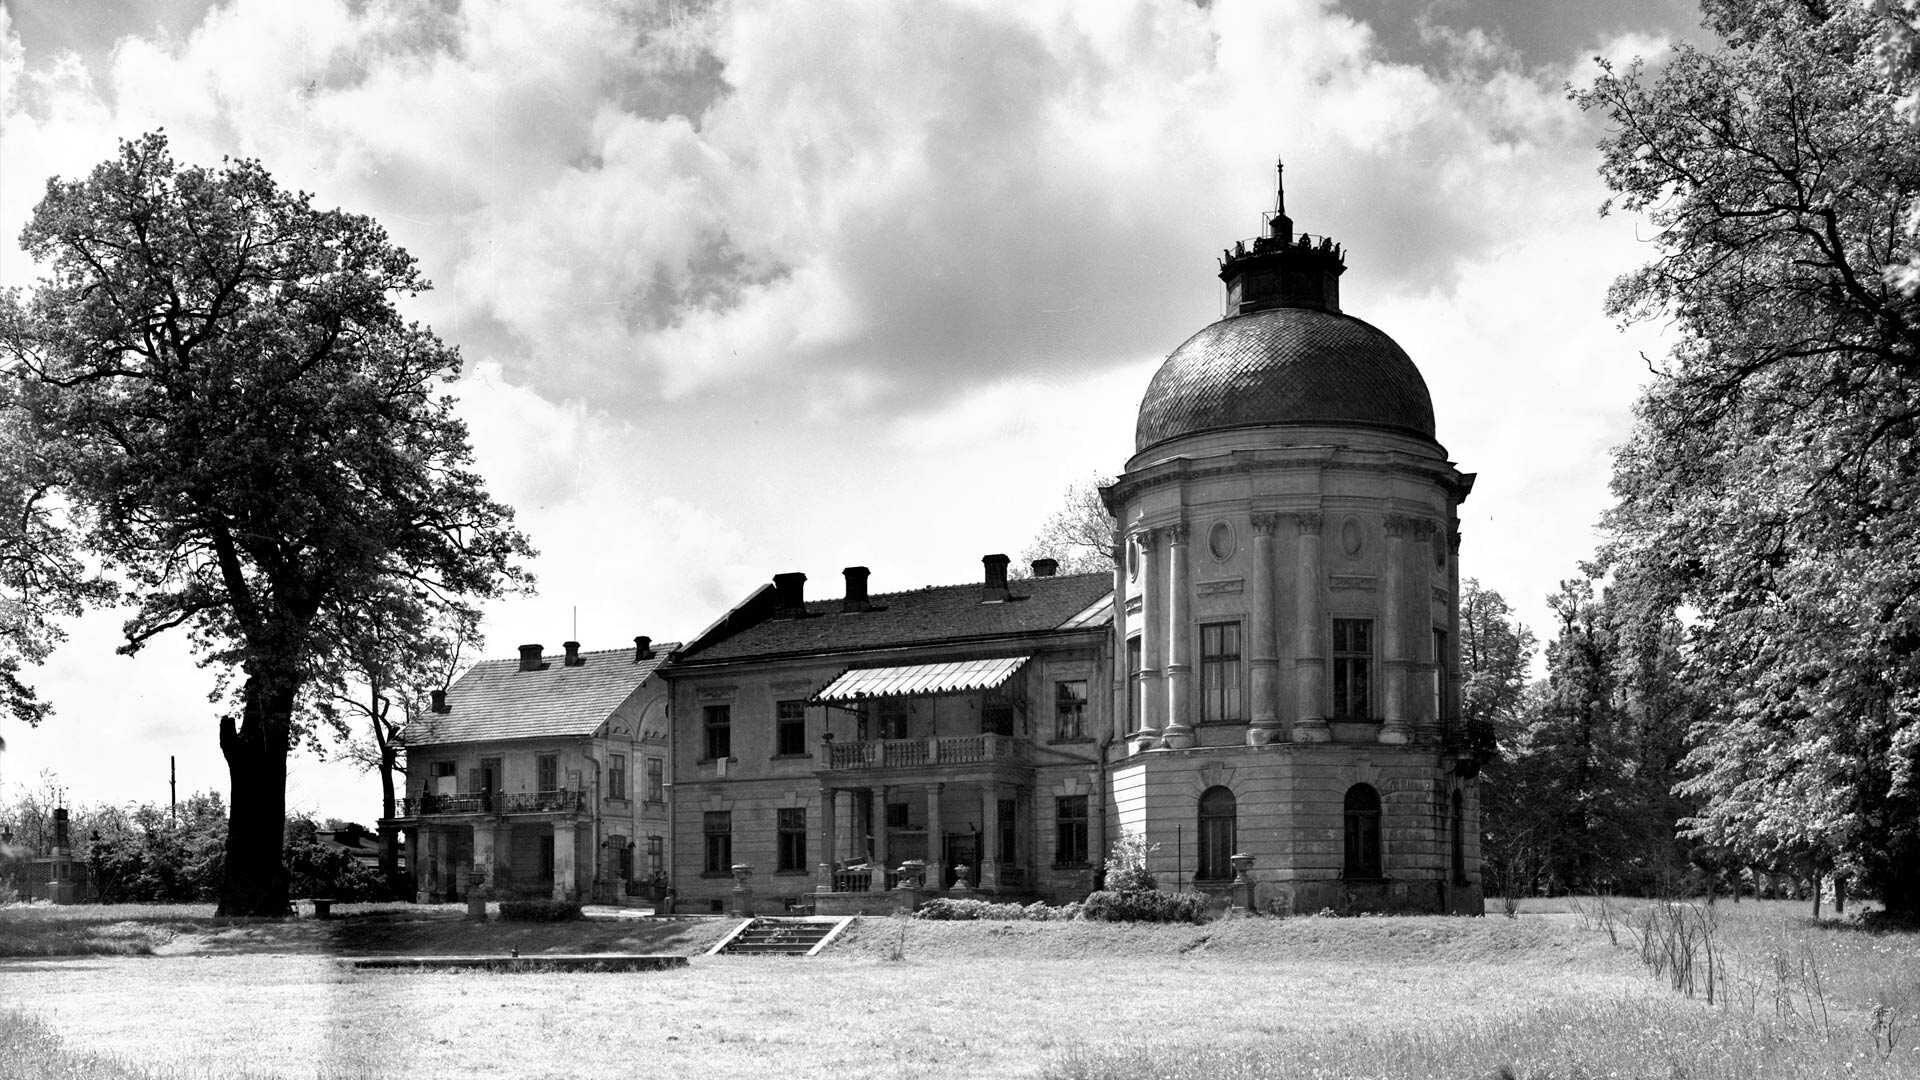 Tak wyglądał Park Jerzmanowskich i pałac w Prokocimiu